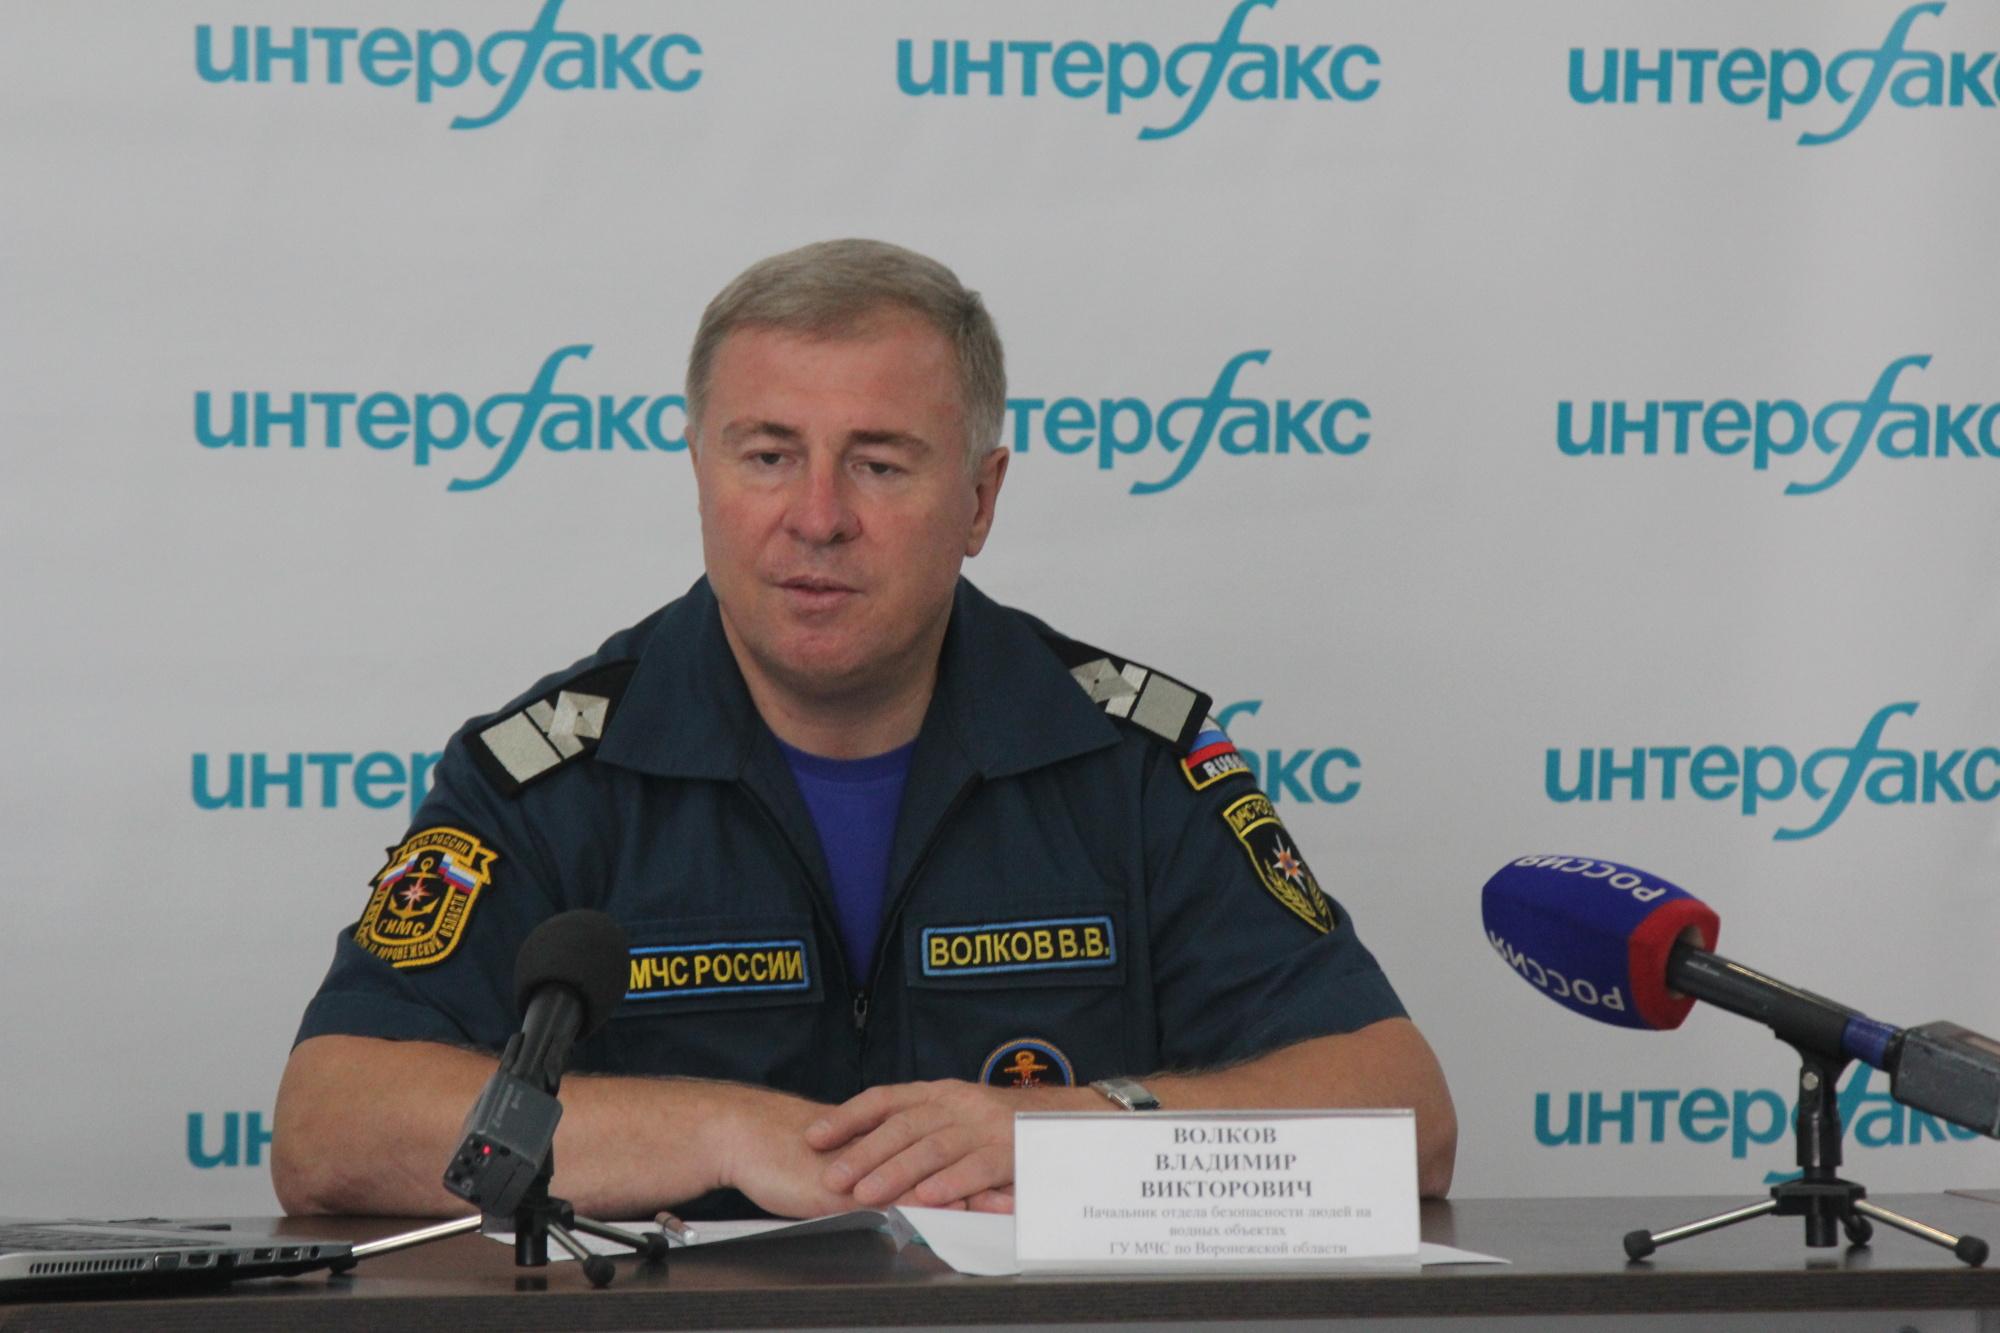 Владимир Волков.